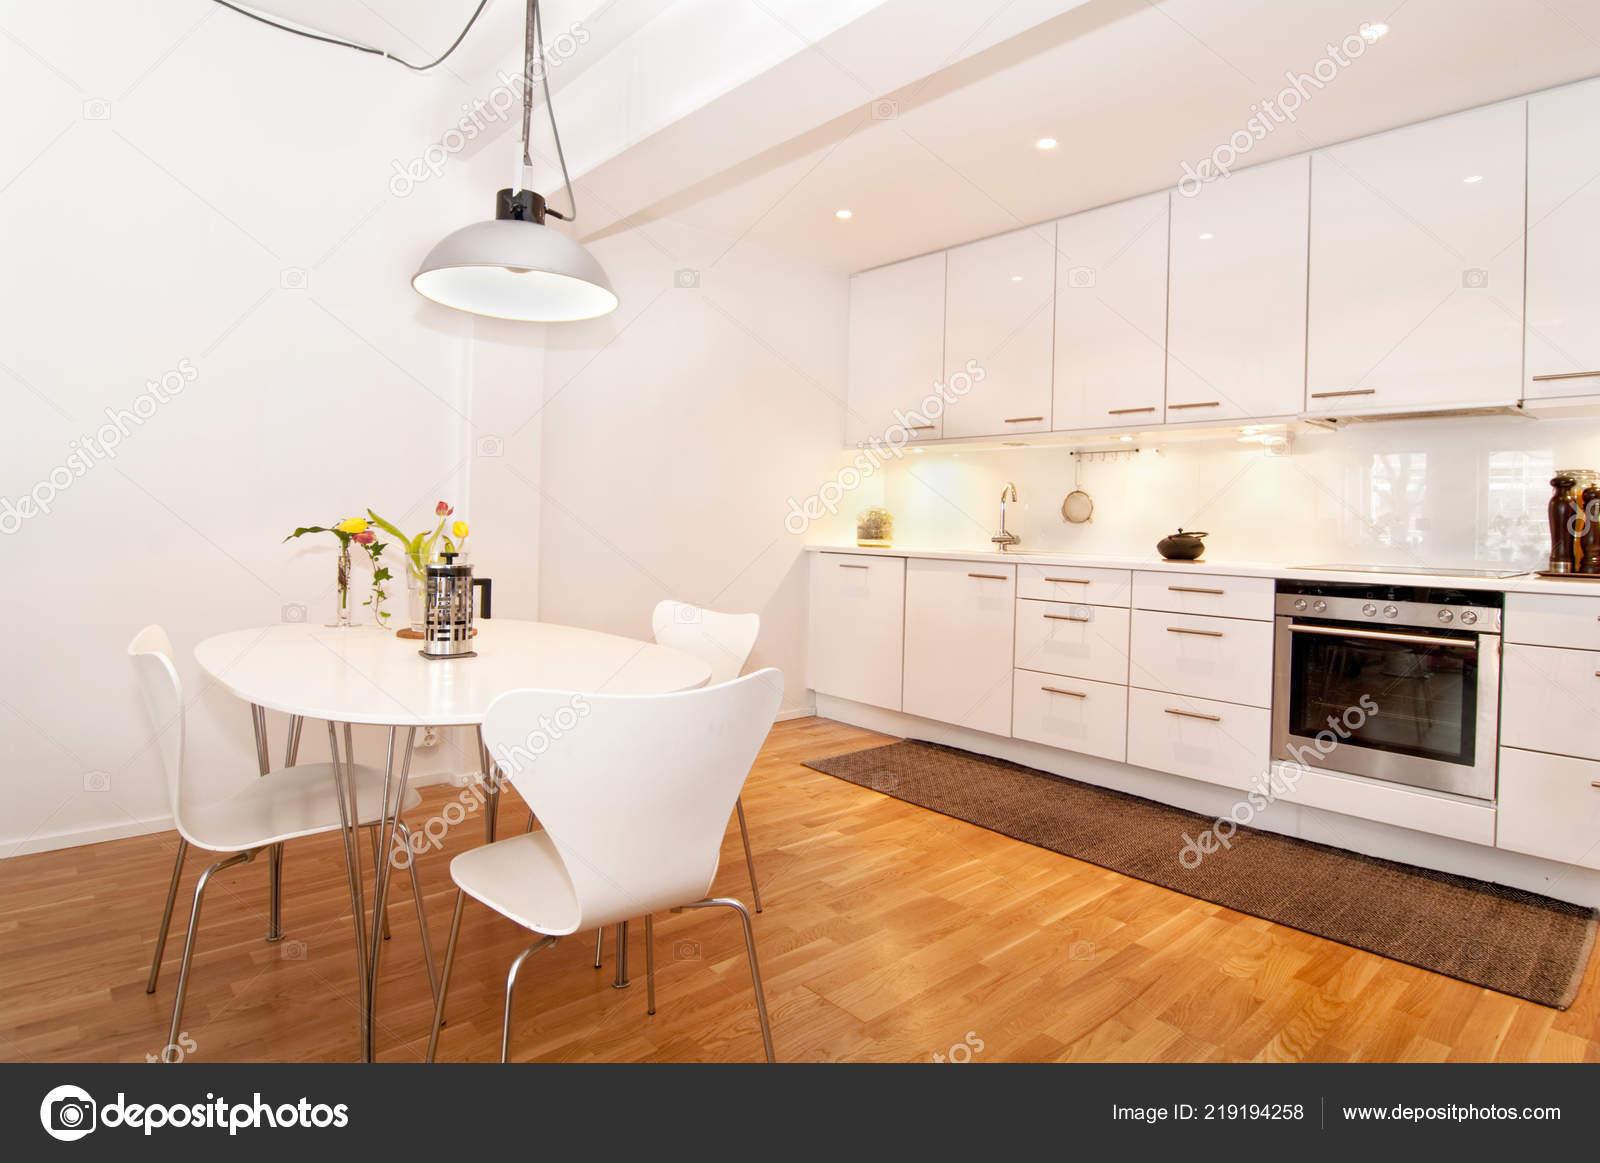 Interior Una Cocina Blanca Con Mesa Cocina — Foto de stock ...